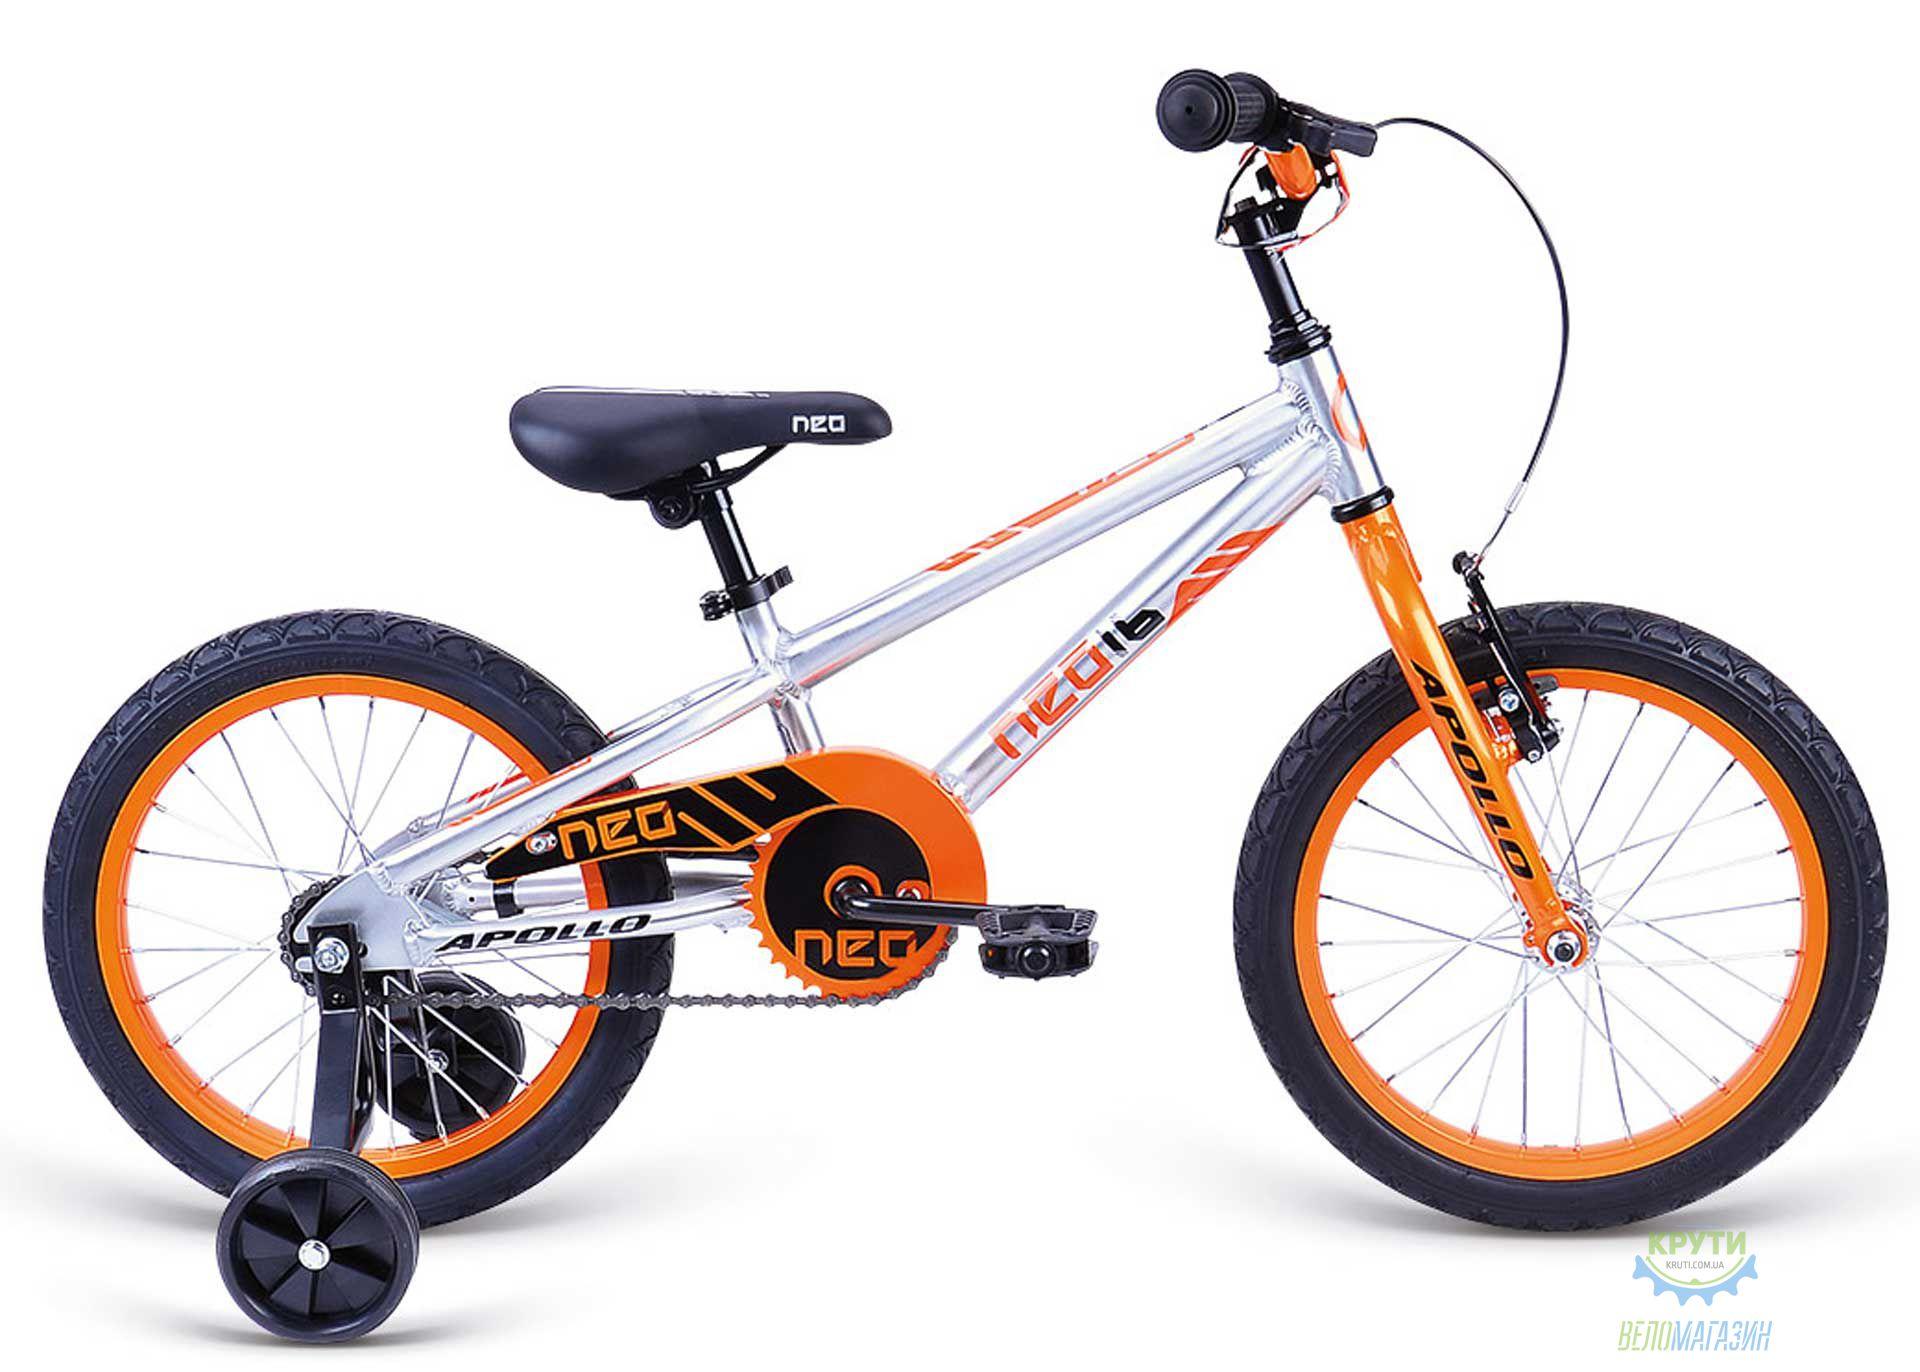 Велосипед 16 Apollo Neo boys оранжевый/черный 2020